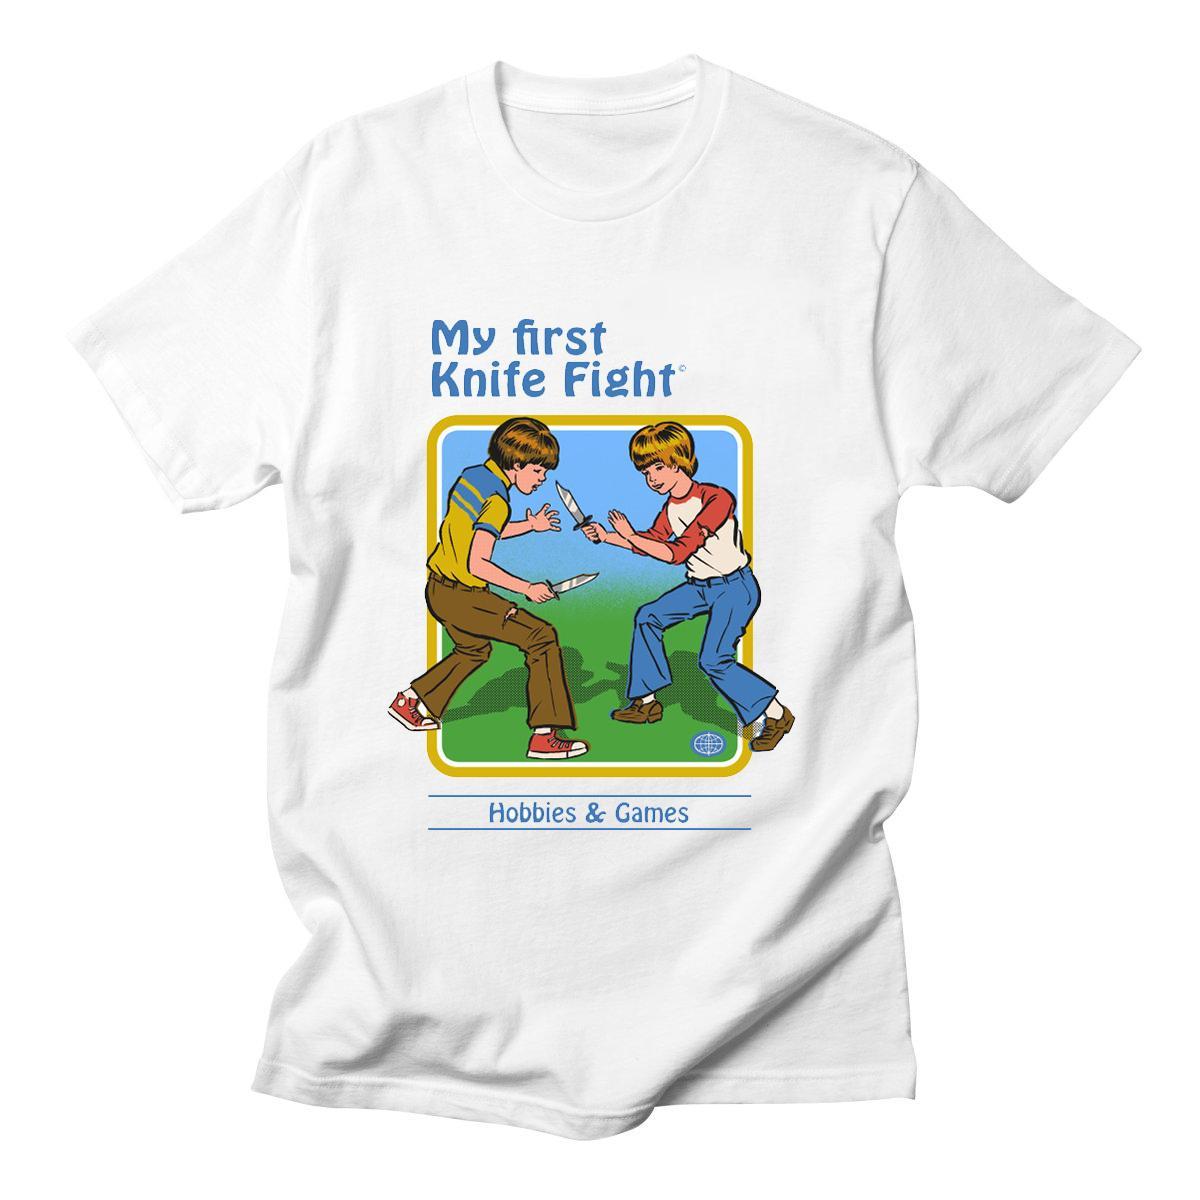 Erkekler Pamuk Kısa Kollu edelim Summon Şeytanlar Grafik Harajuku Yaz My First Bıçak Fight T Gömlek Erkekler Komik Tee Gömlek Tops